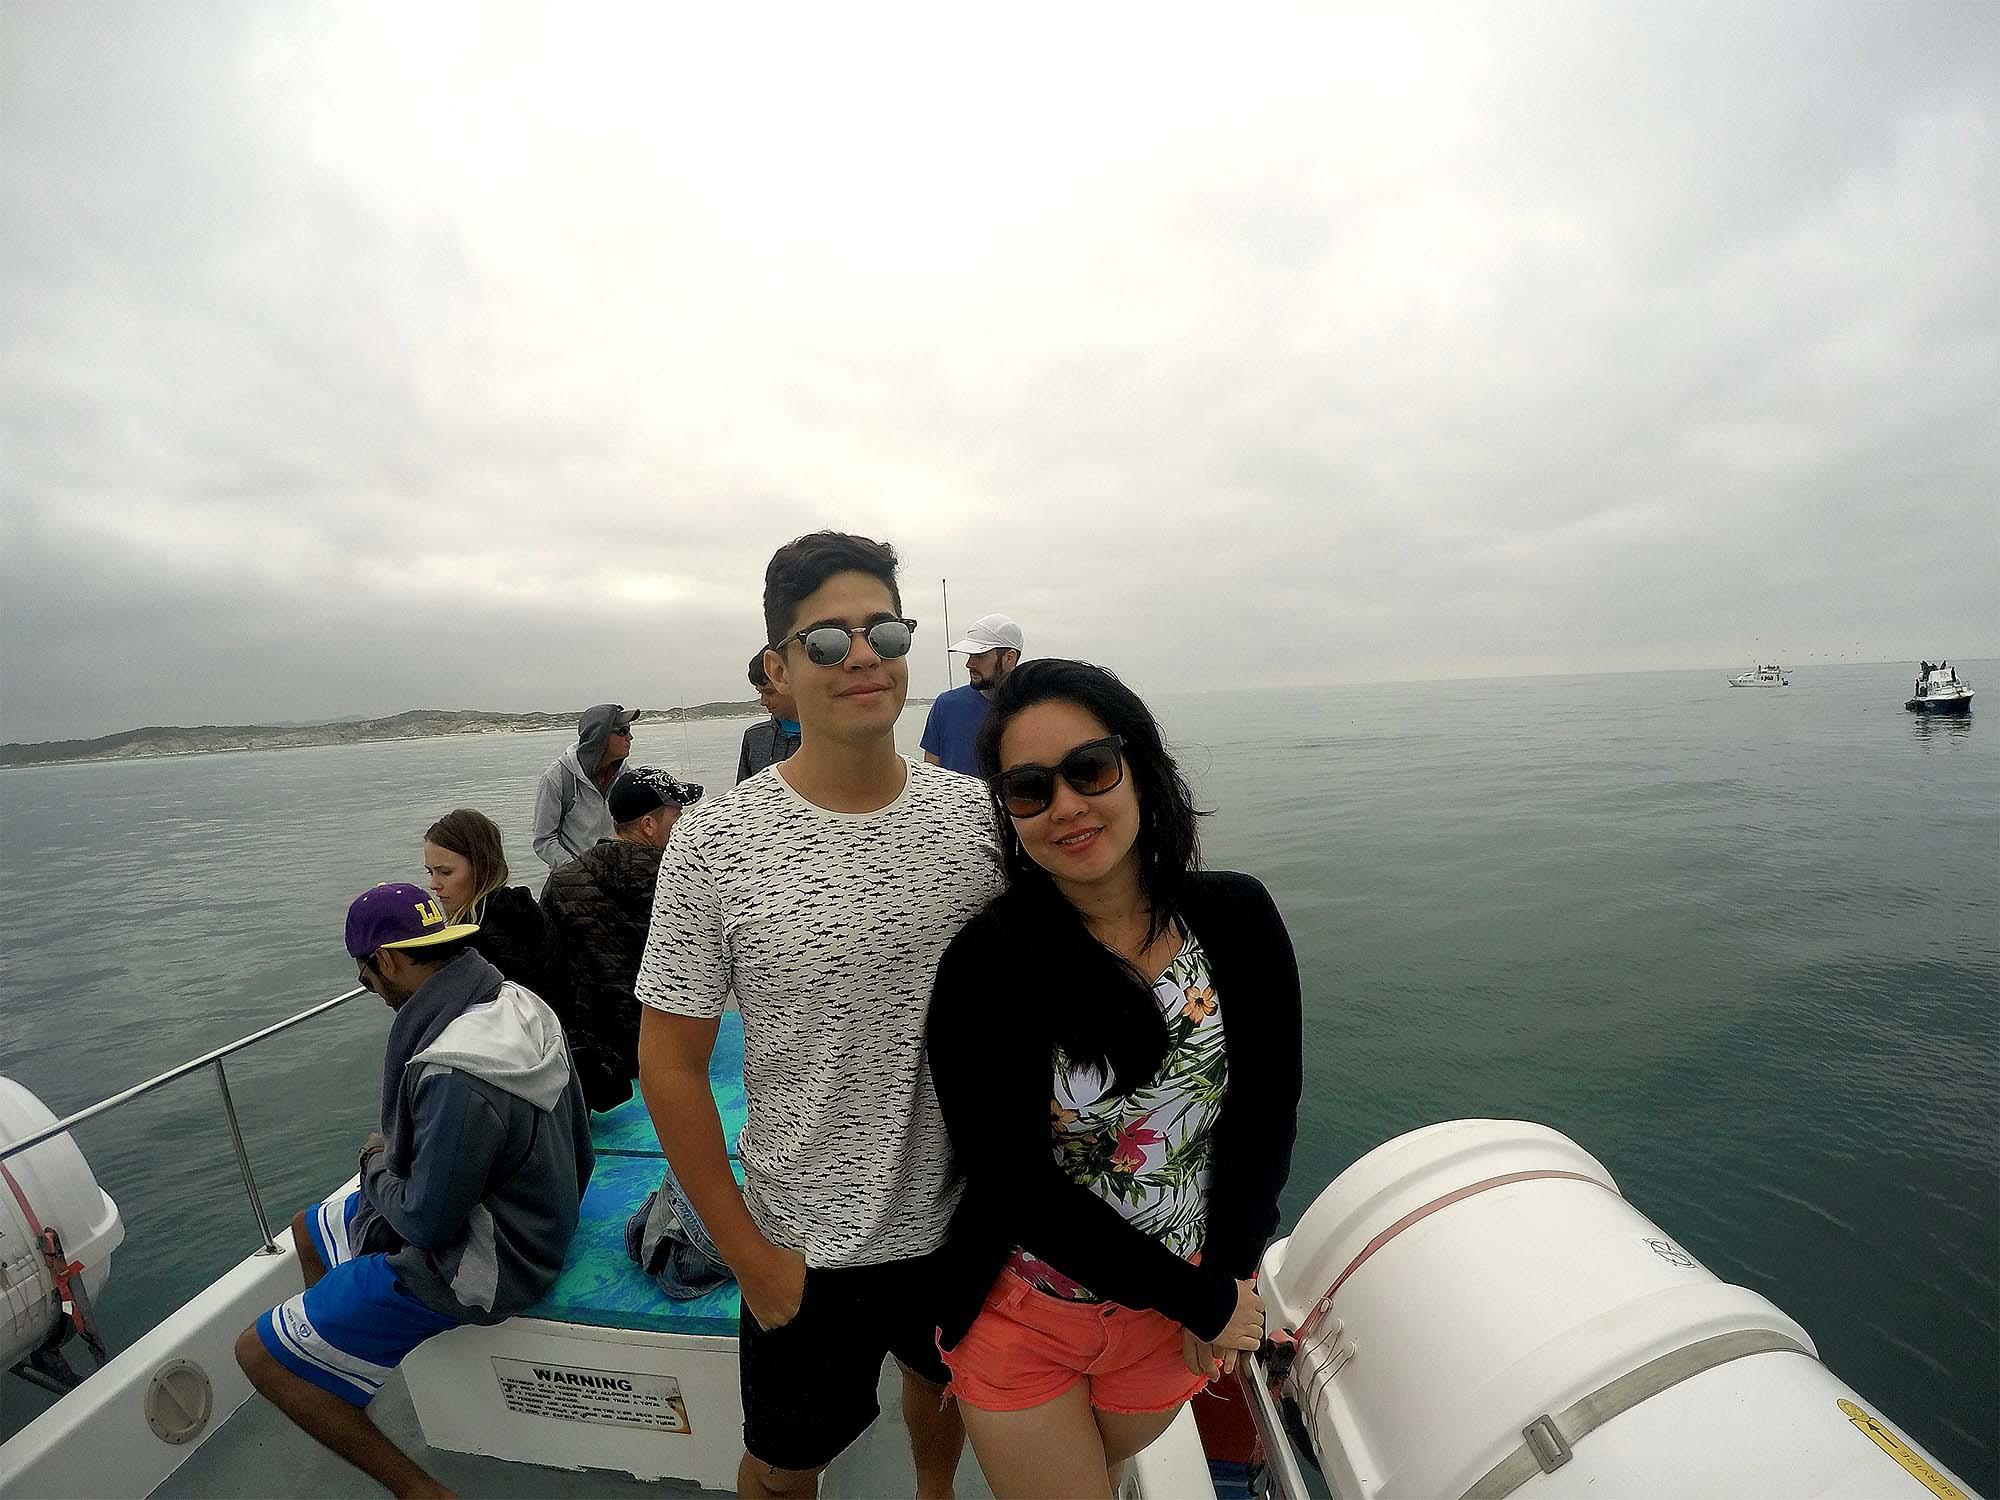 Rodrigo e Bia em cima do barco da White Shark Ventures